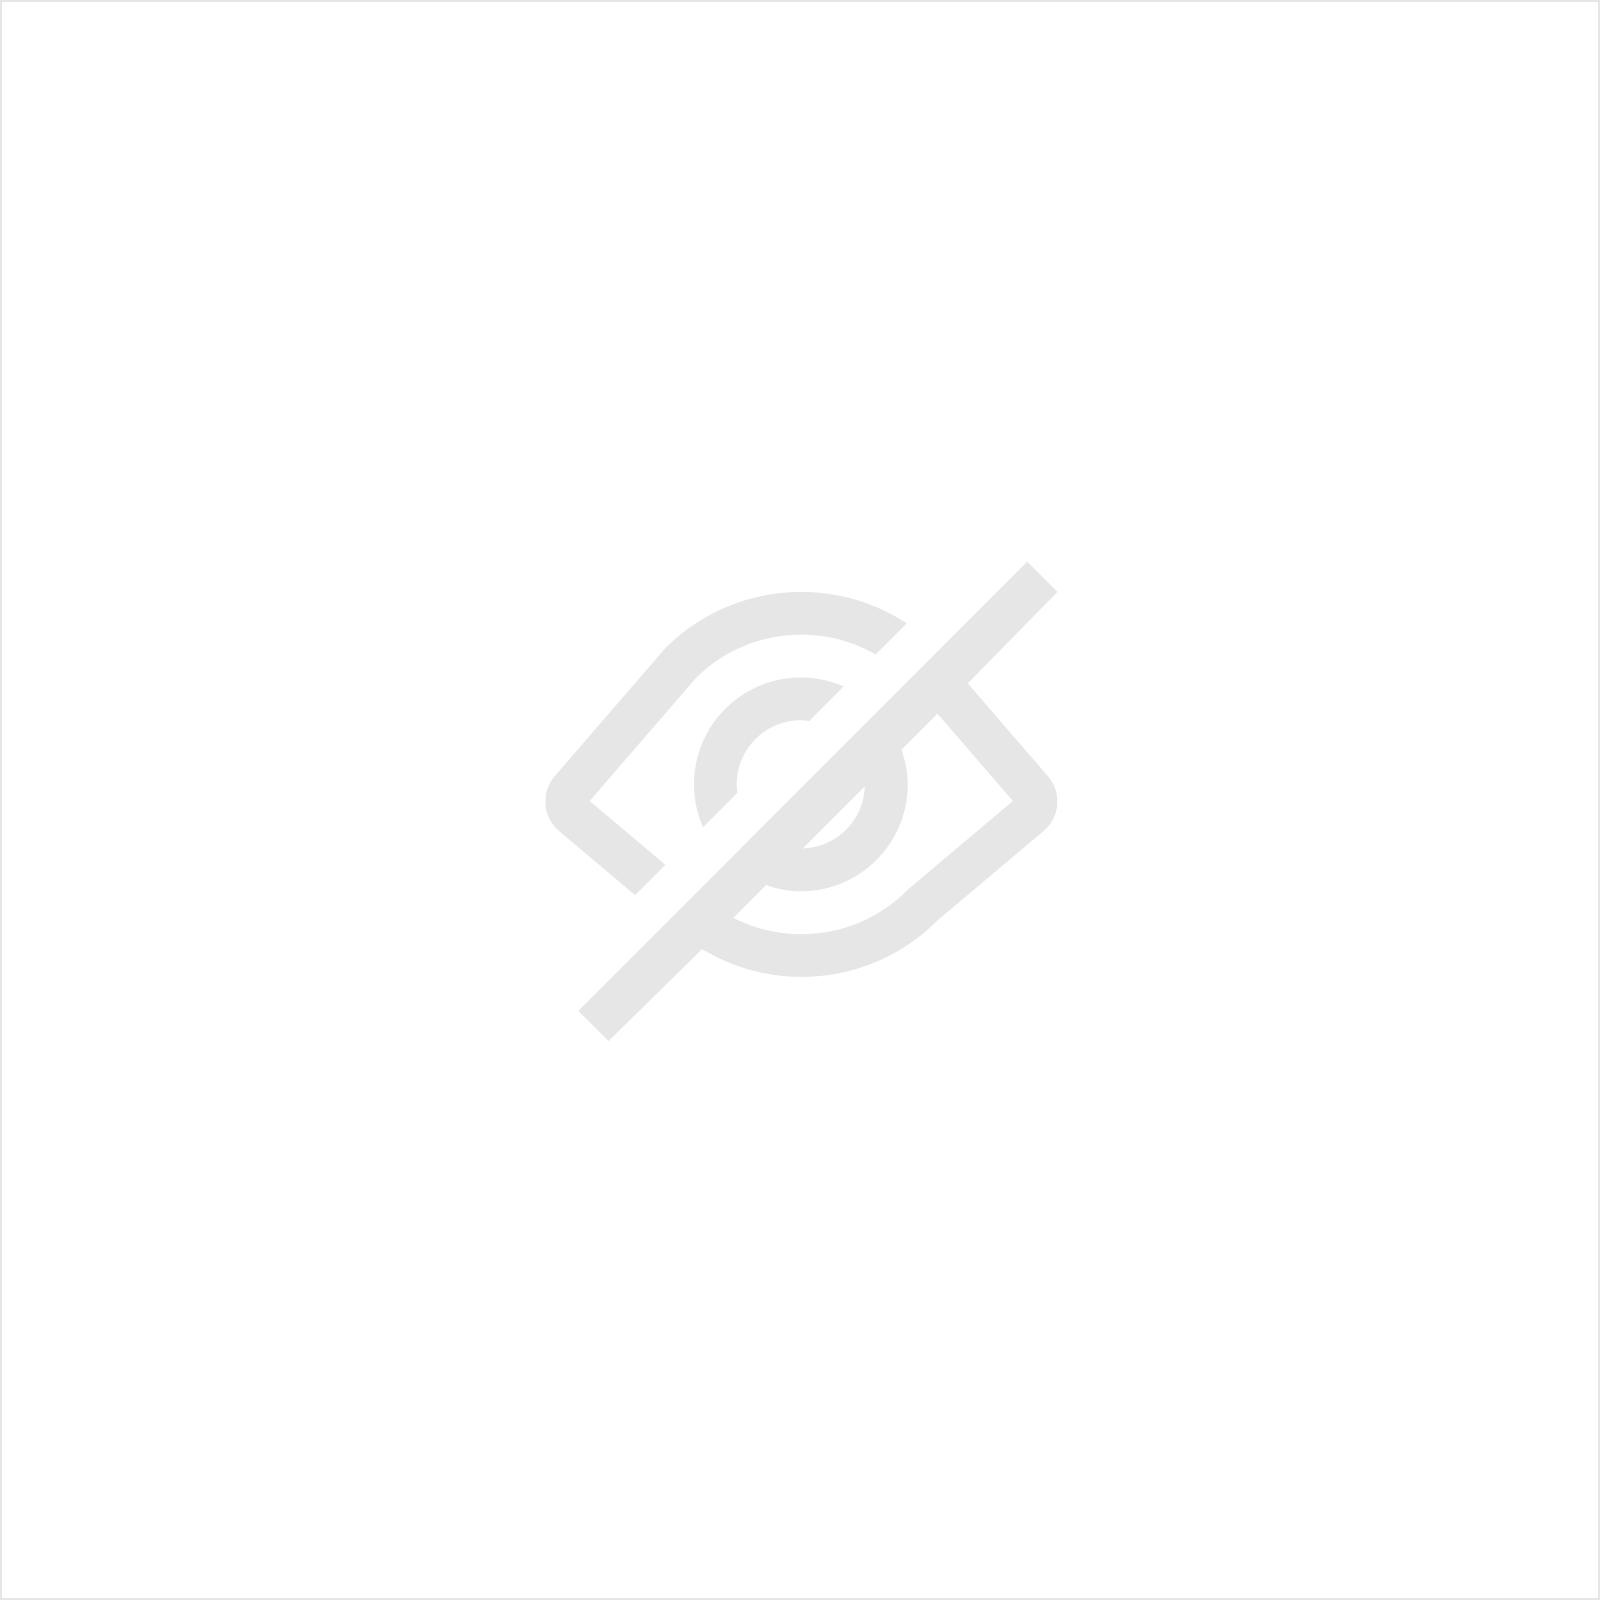 OPTIONEEL FLAT BEAD ROLL SET 1/8 VOOR BOORD EN LIJSTMACHINE